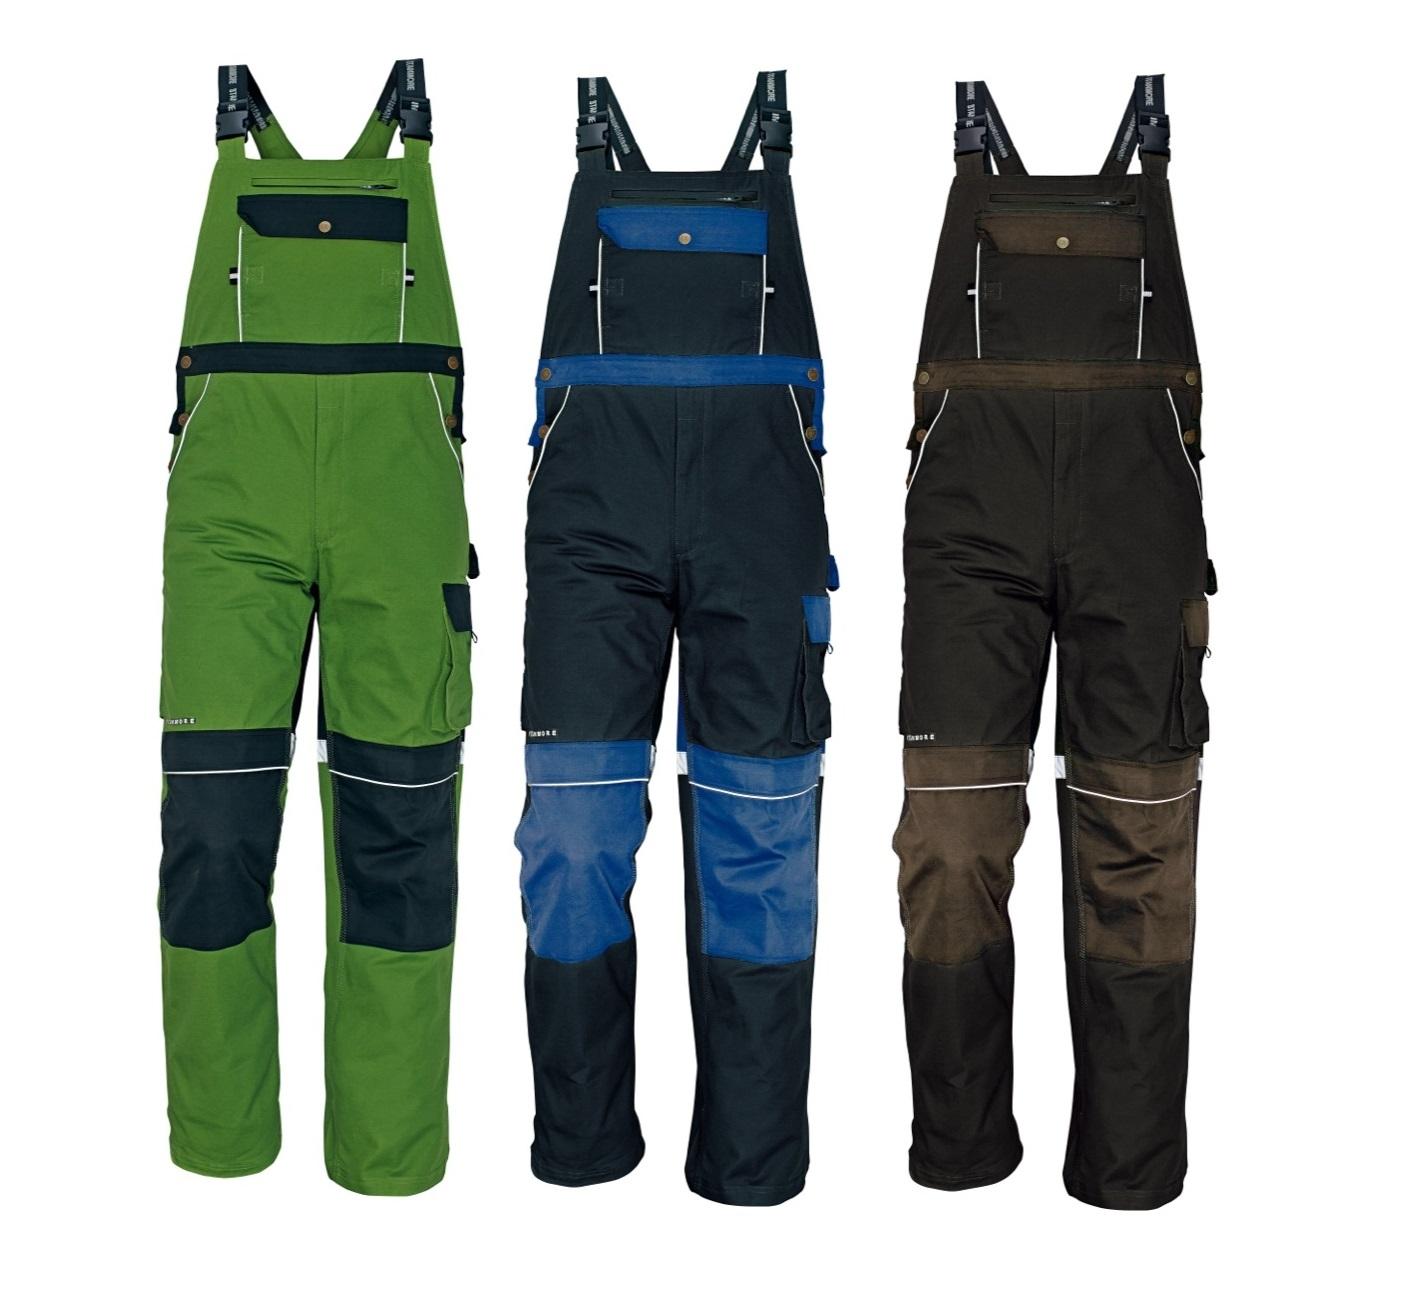 Pracovní kalhoty s laclem v internetovém obchodě